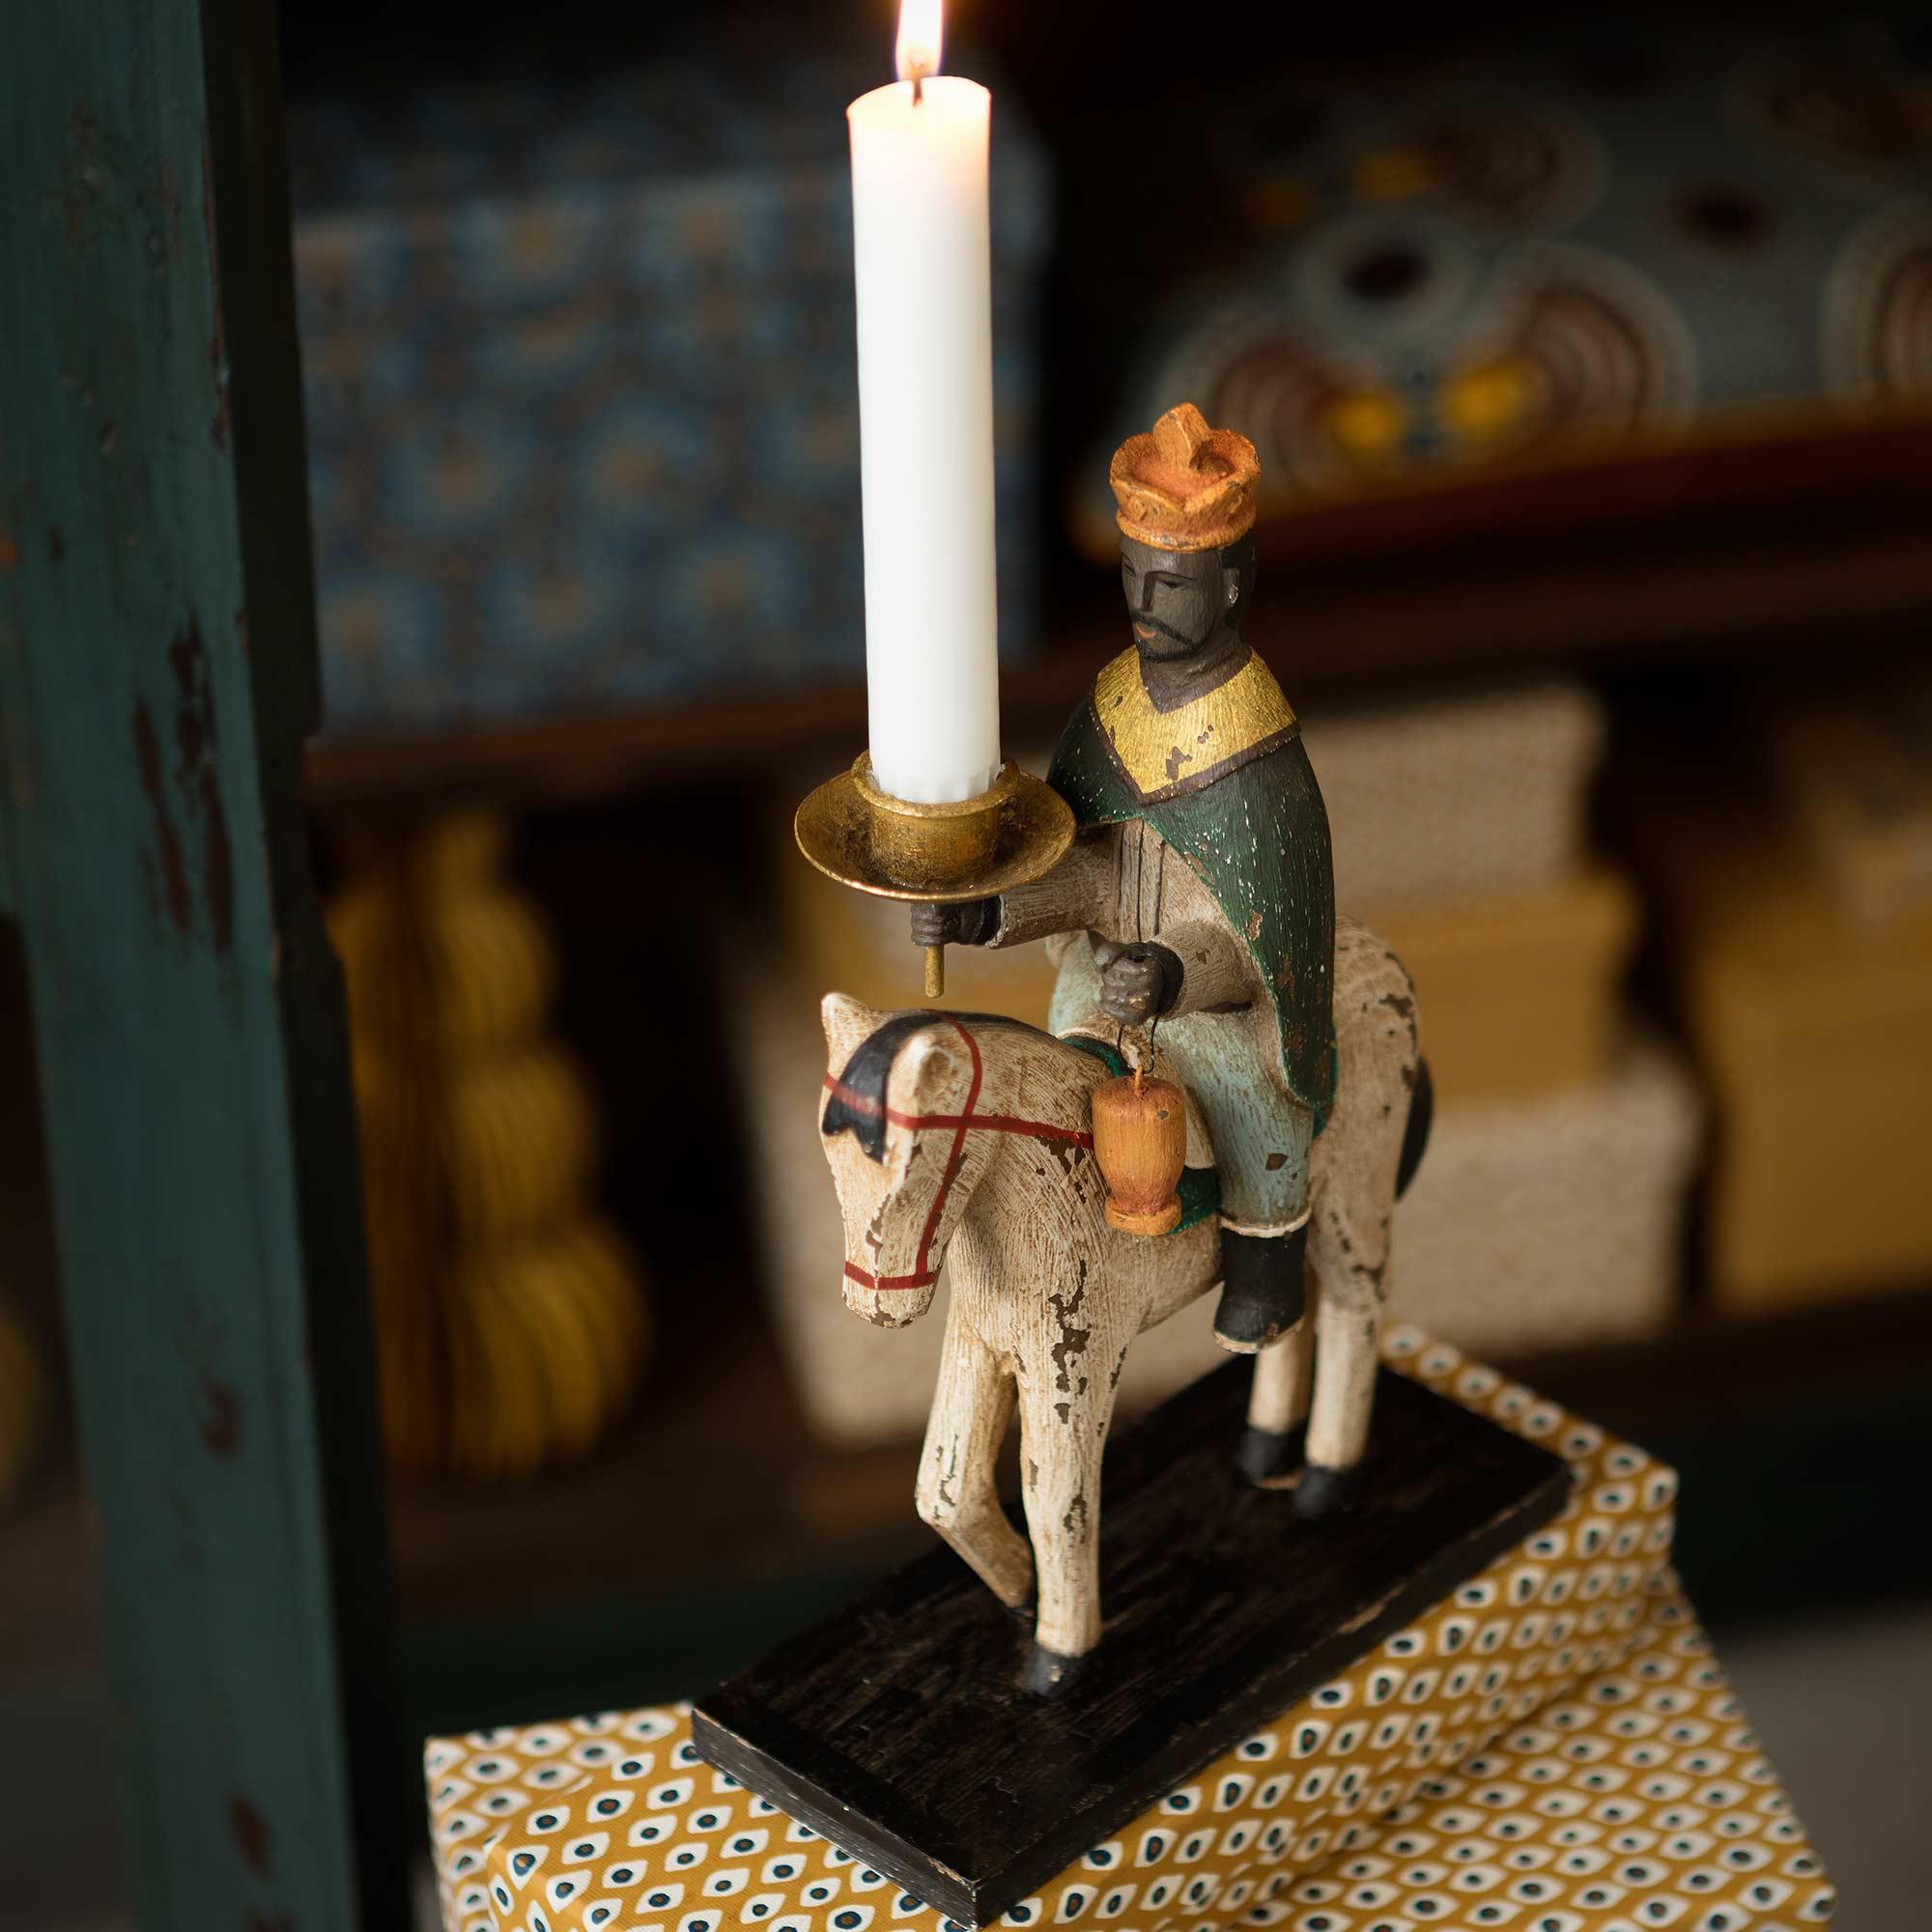 Kerzenhalter Heilige 3 Könige ♥ Holz Figuren von Bungalow aus Dänemark ♥ Skandinavische Dekoration für Weihnachten ♥ Trend 2019. Online kaufen, Trusted Shop